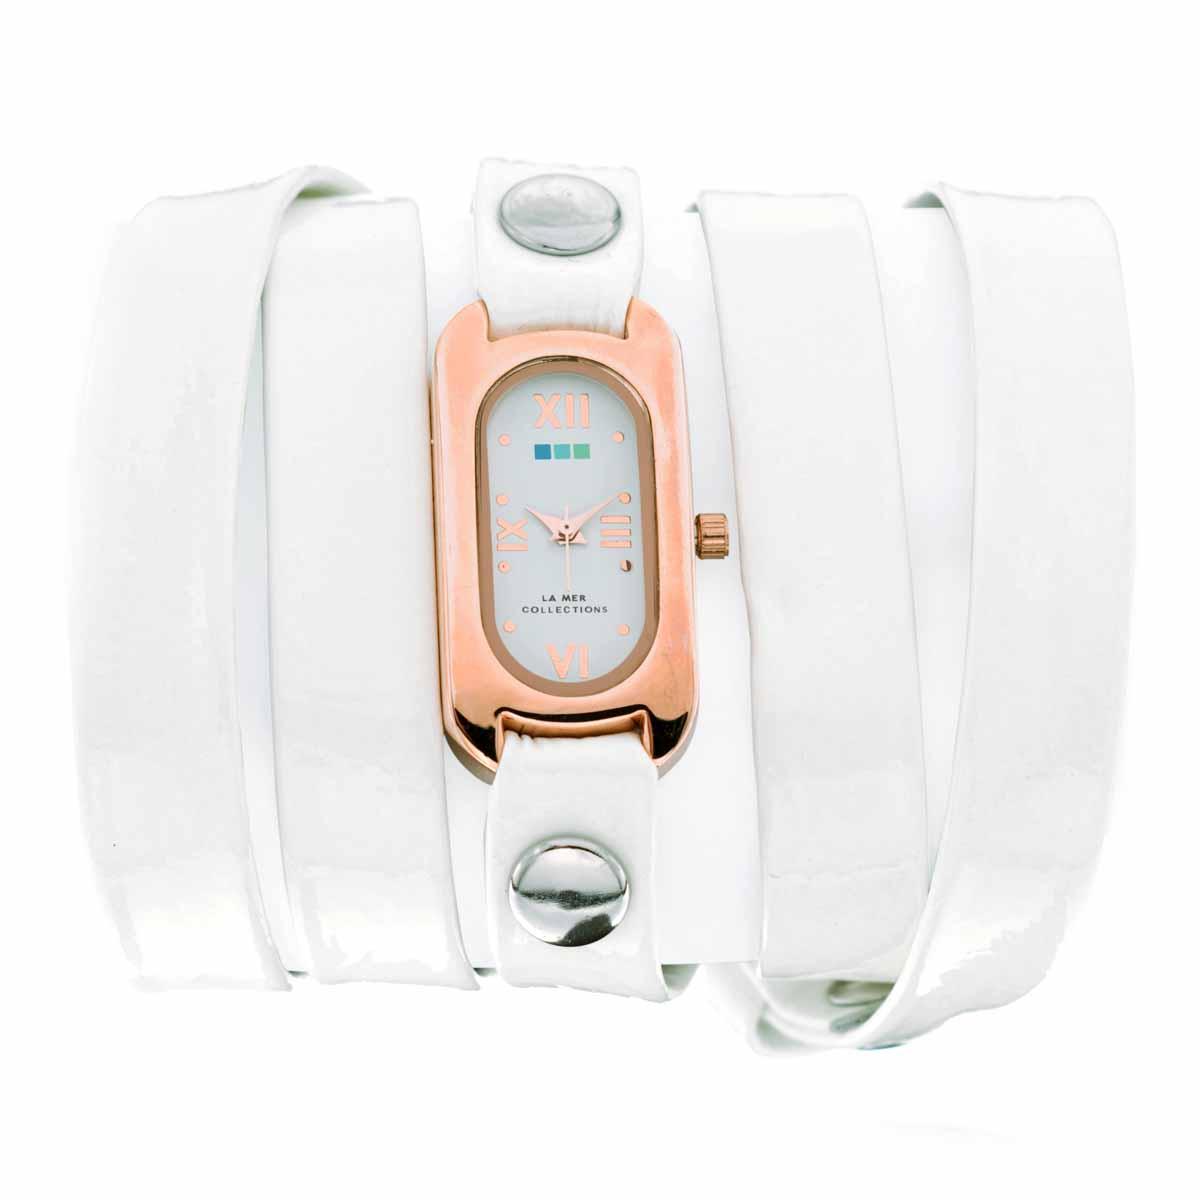 Часы наручные женские La Mer Collections Soho White Patent Rose Gold Case. LMSOHO1003 LakLMSOHO1003 LakЧасы оснащены японским кварцевым механизмом. Корпус прямоугольной формы выполнен из нержавеющей стали золотистого цвета. Оригинальный кожаный ремешок белого цвета отделан металлическими клепками. Каждая модель женских наручных часов La Mer Collections имеет эксклюзивный дизайн, в основу которого положено необычное сочетание классических циферблатов с удлиненными кожаными ремешками. Оборачиваясь вокруг запястья несколько раз, они образуют эффект кожаного браслета, превращая часы в женственный аксессуар, который великолепно дополнит другие аксессуары и весь образ в целом. Дизайн La Mer Collections отвечает всем последним тенденциям моды и превосходно сочетается с модными сумками, ремнями, обувью и другими элементами гардероба современных девушек. Часы La Mer - это еще и отличный подарок любимой девушке, сестре или подруге на день рождения, восьмое марта или новый год! Характеристики: Механизм: кварцевый SEIKO (Япония). Размер корпуса: 32 х 19 х...